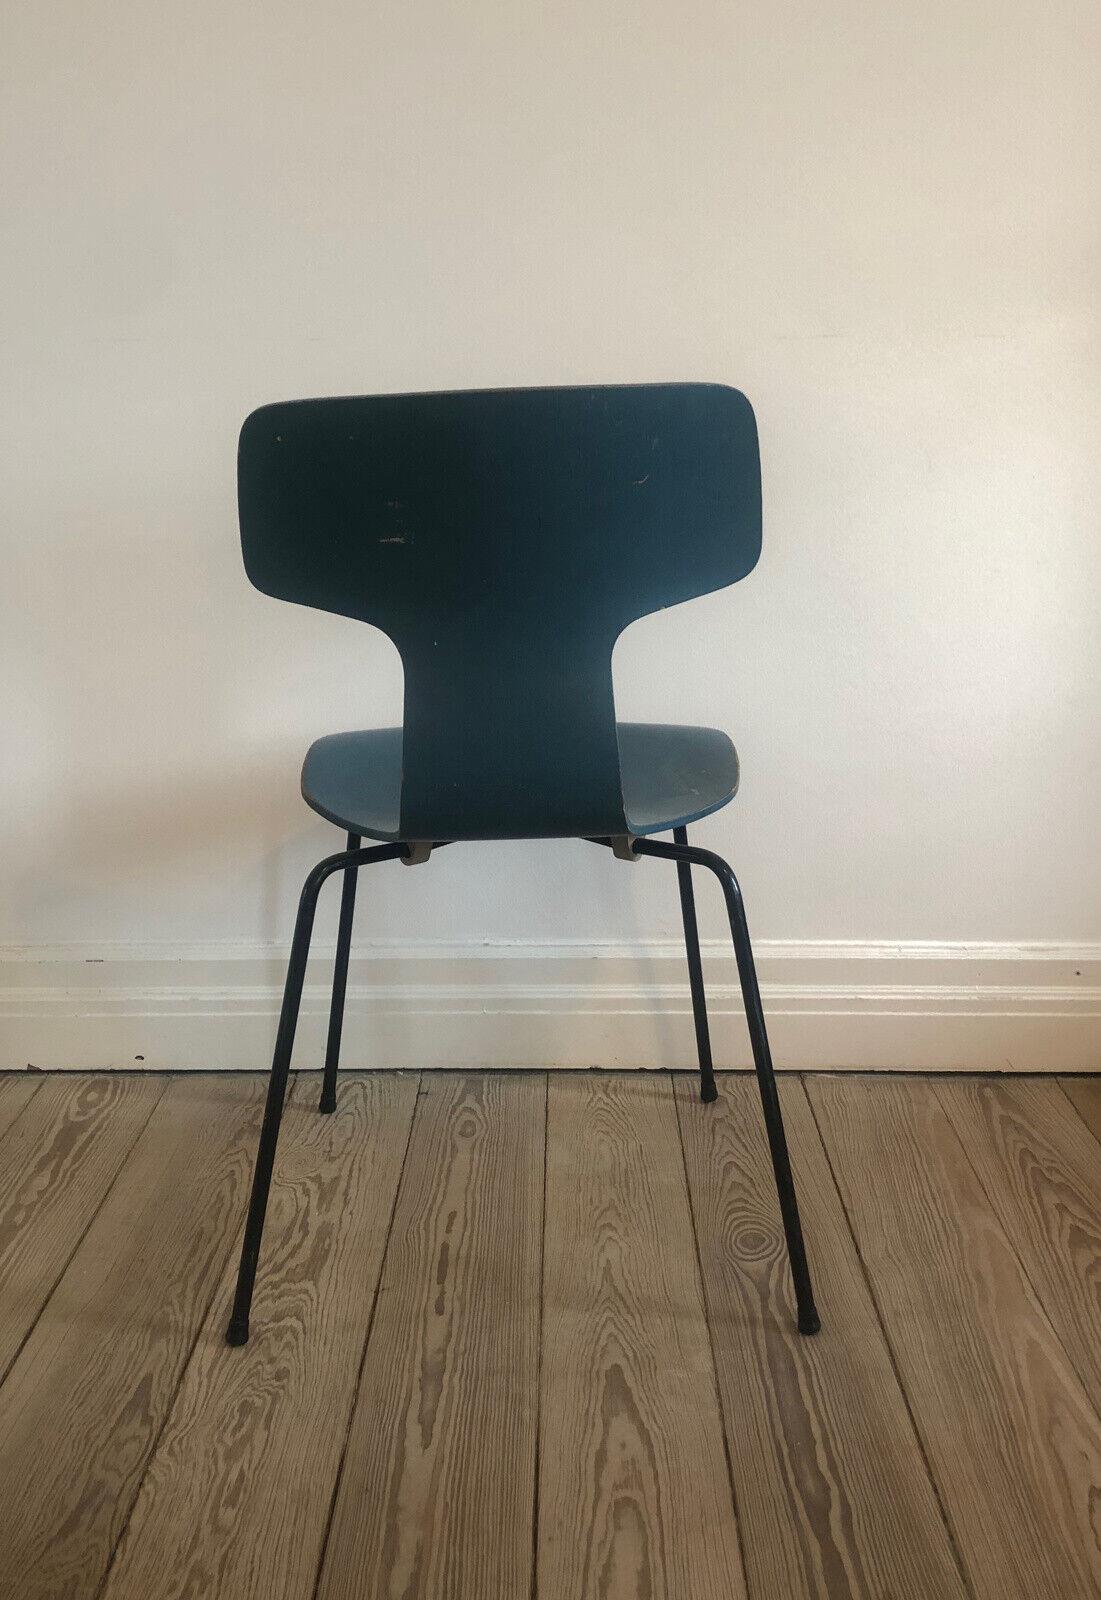 Arne Jacobsen T stol i turk